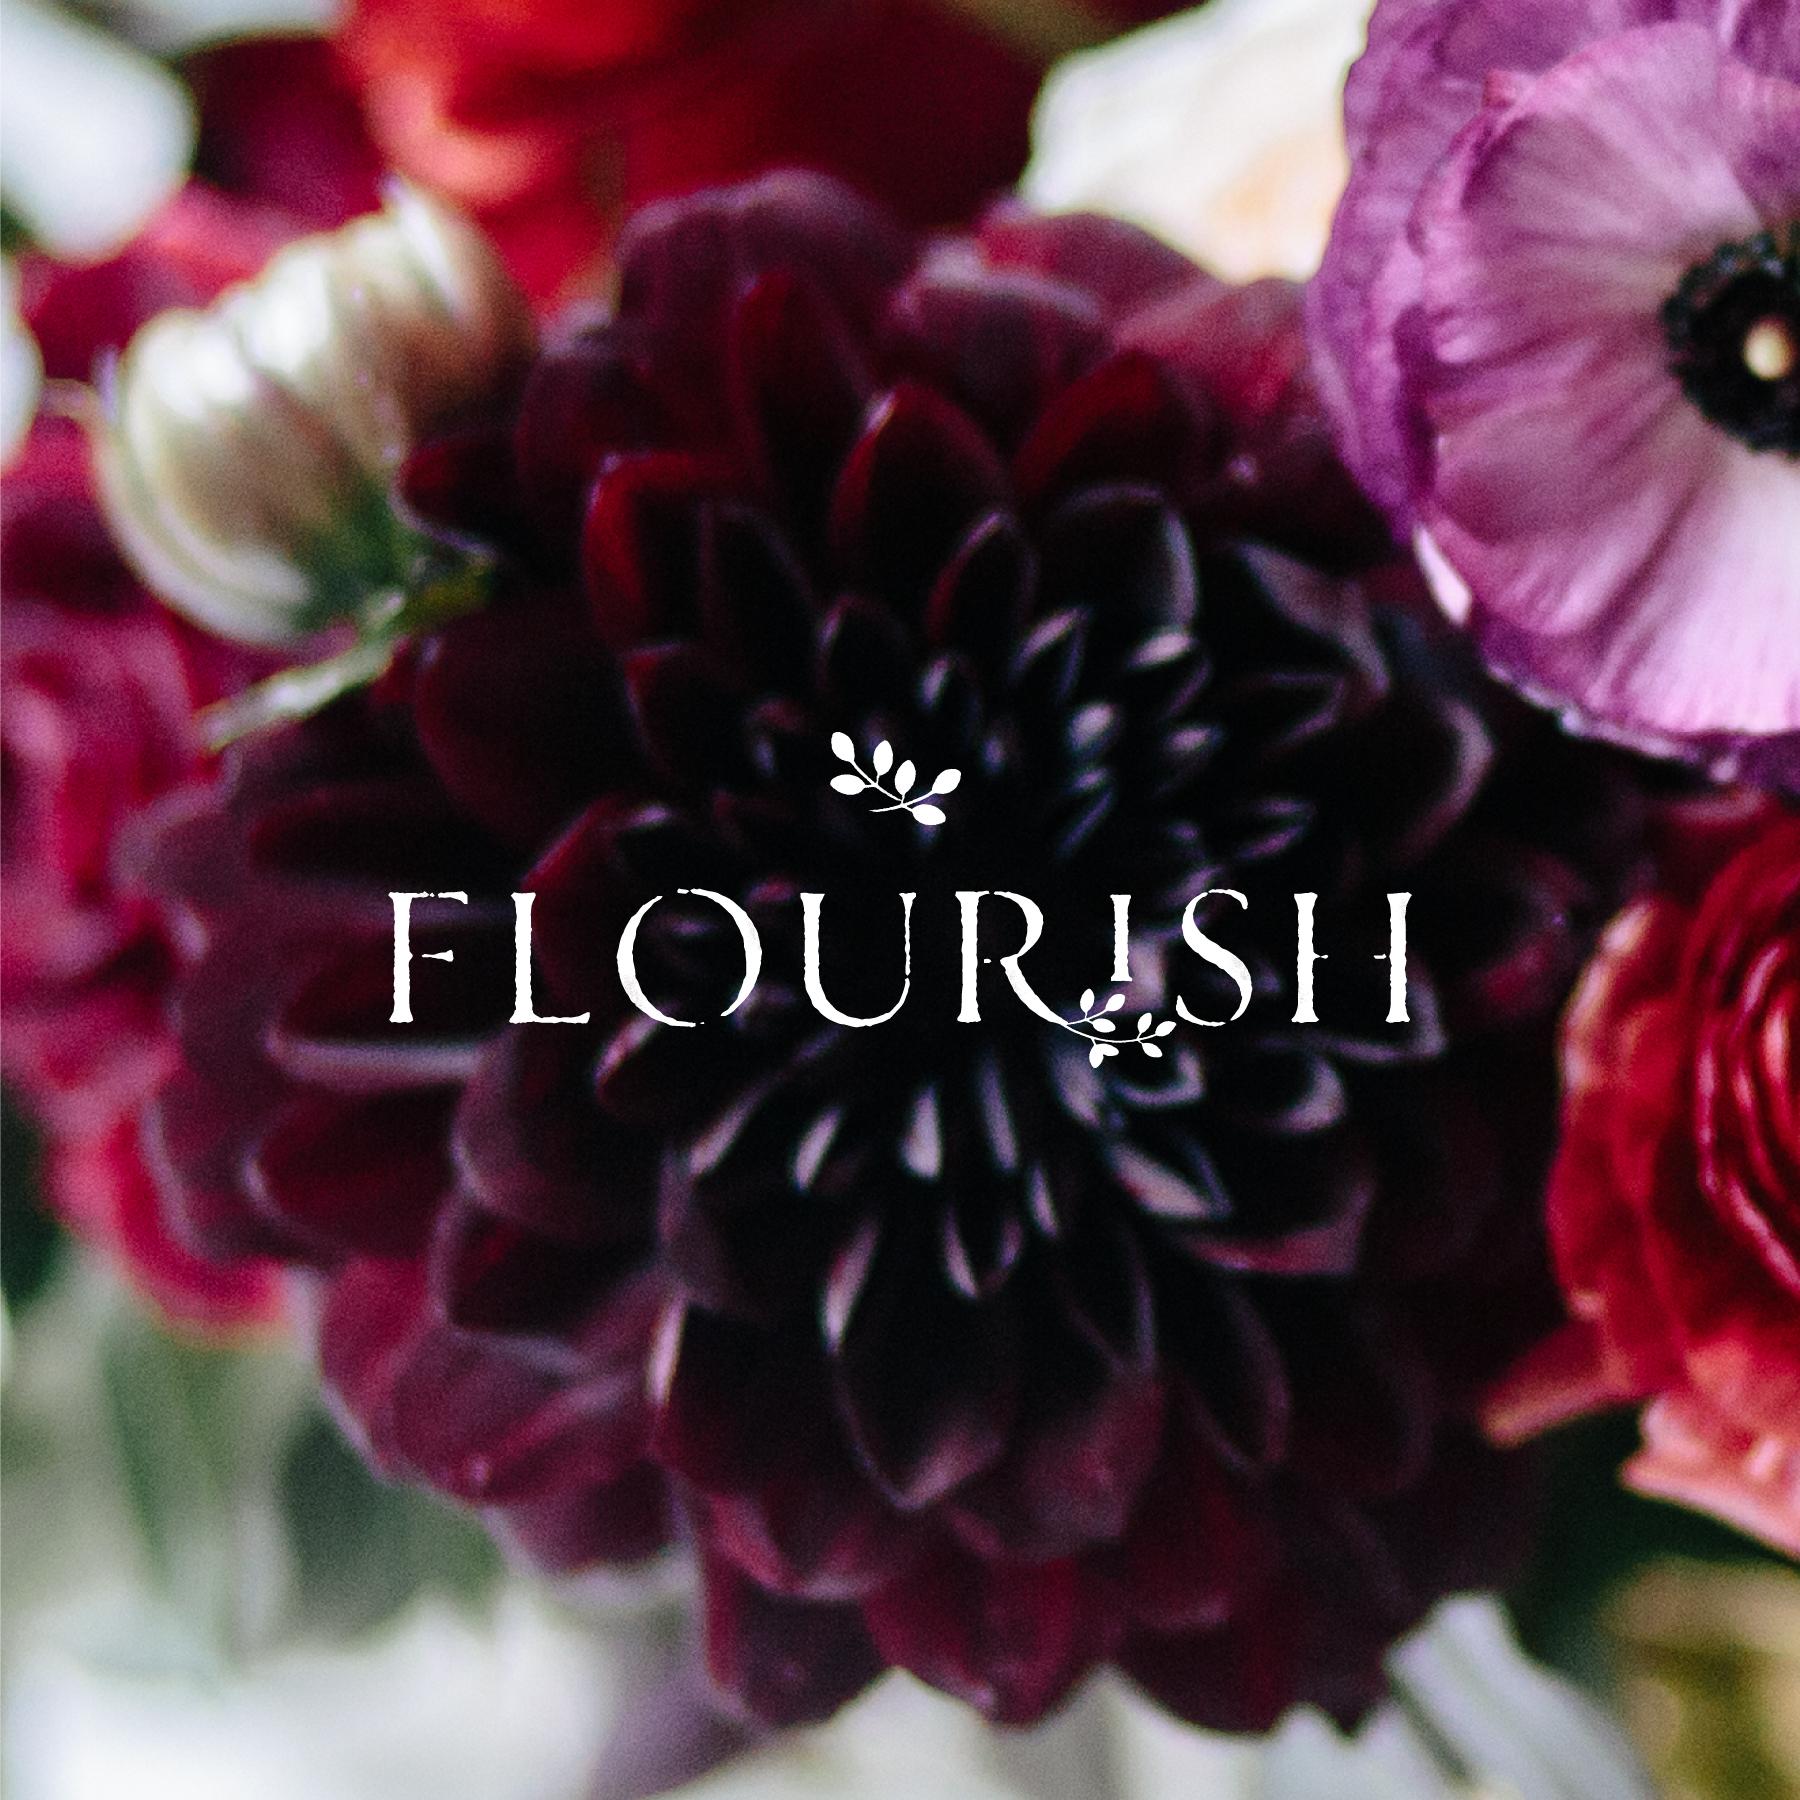 flourish_squarefloral.jpg